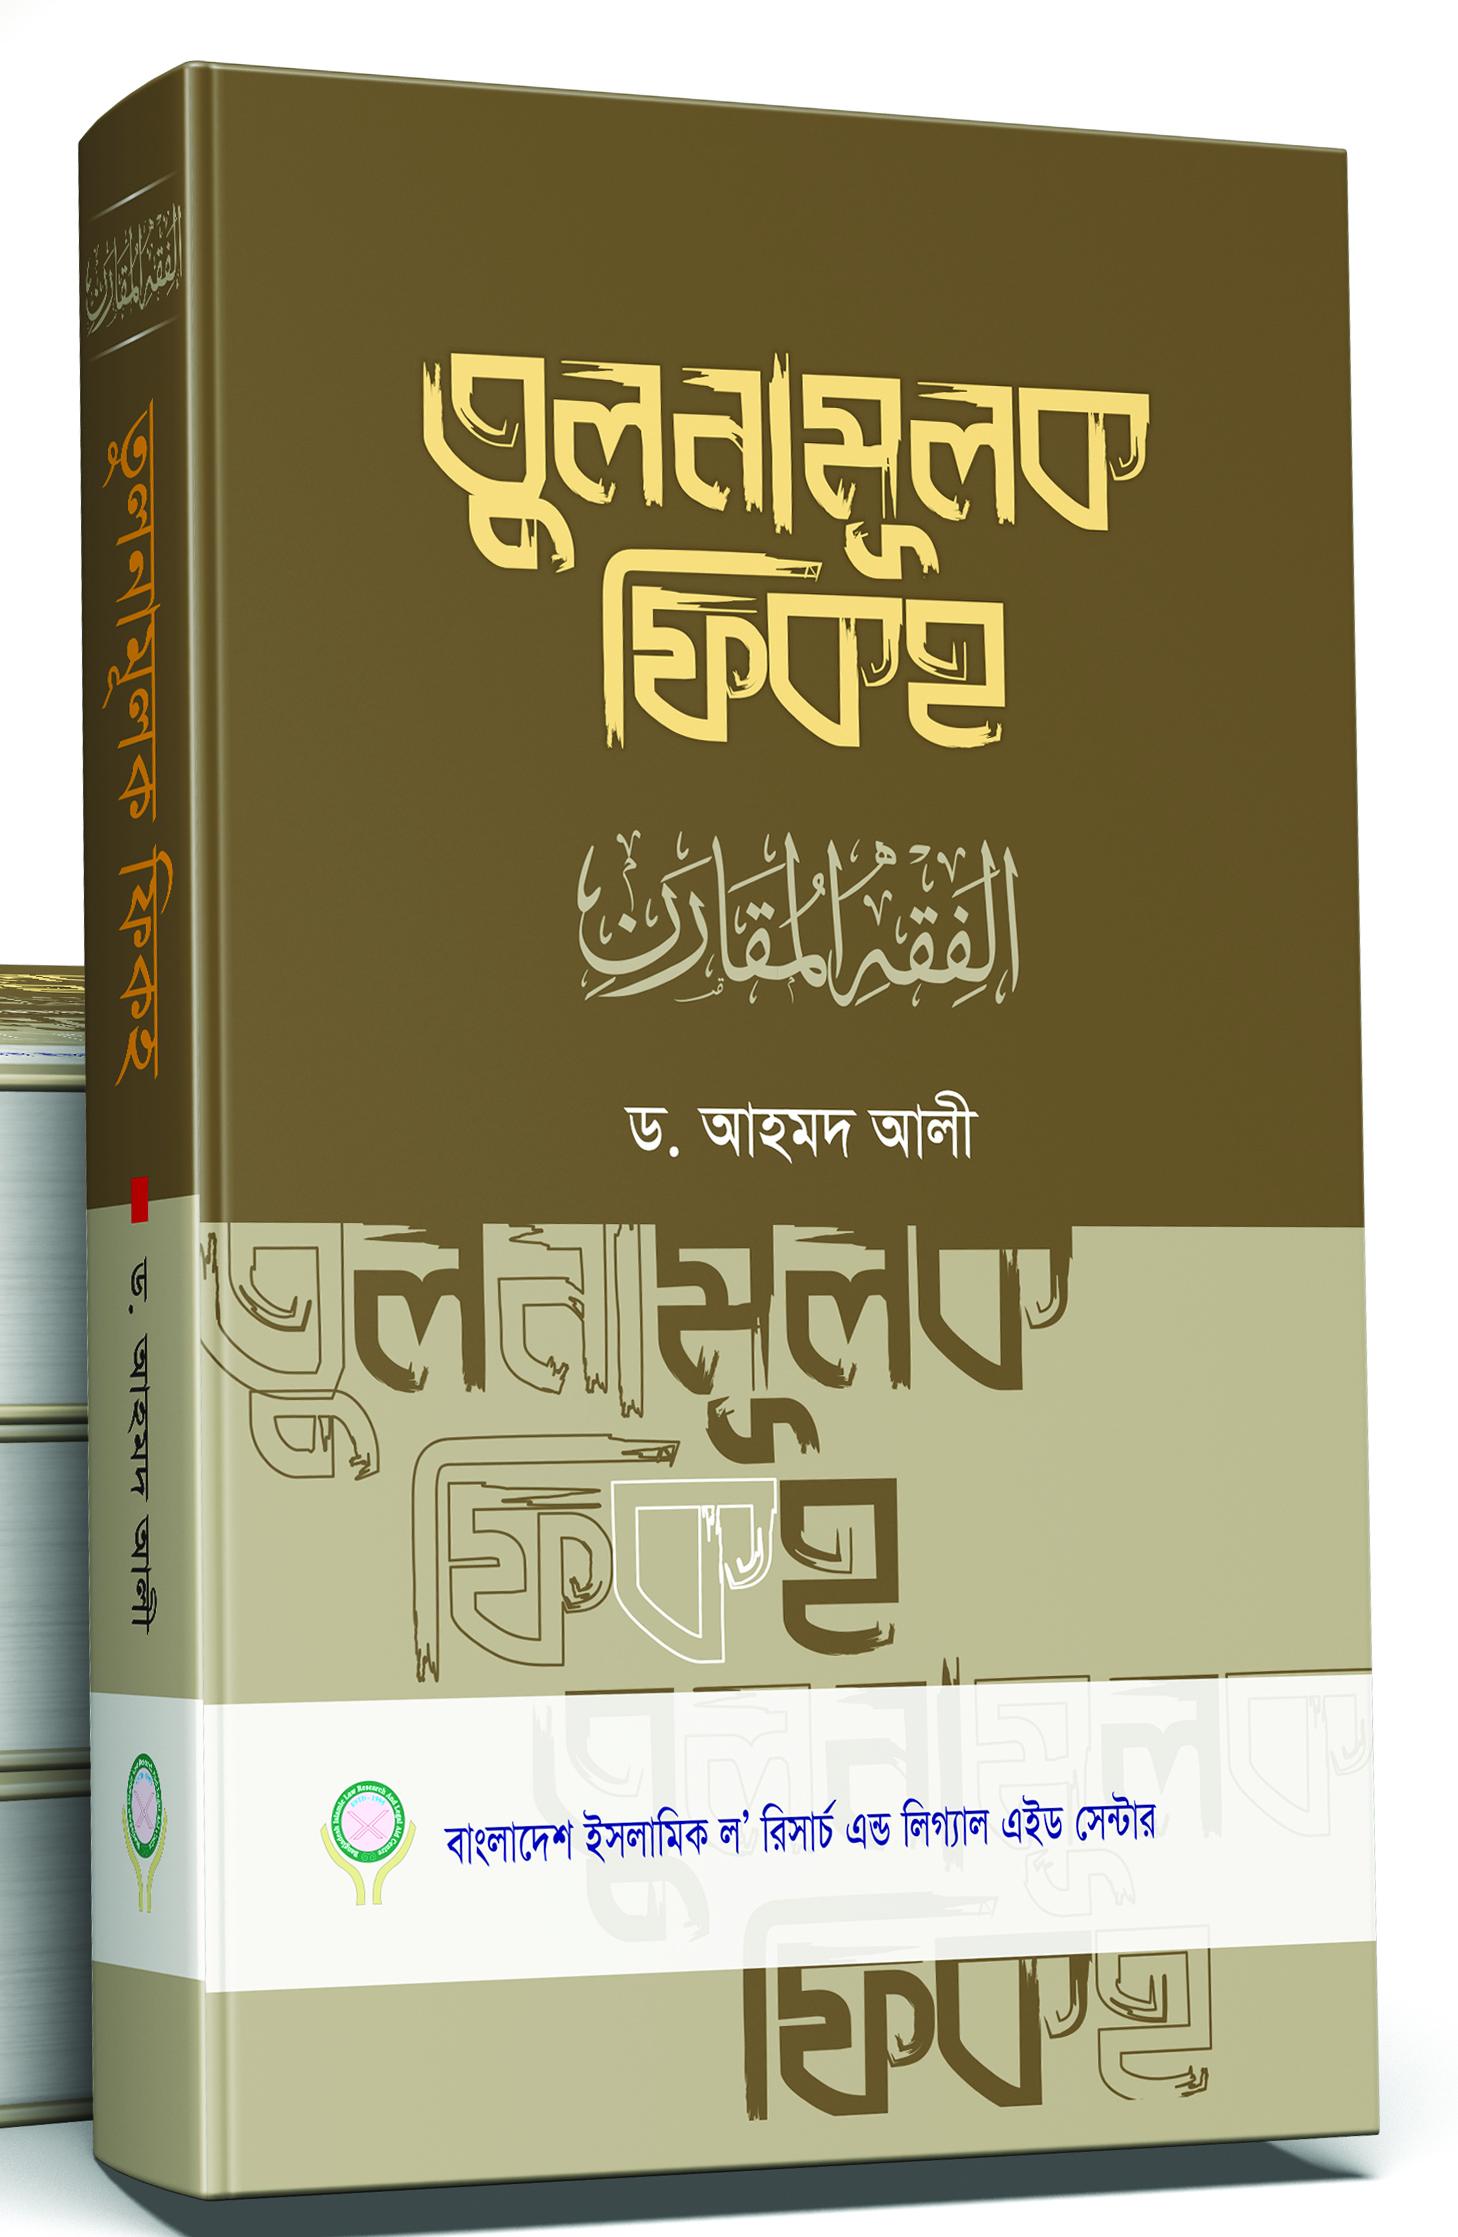 তুলনামূলক ফিকহ| ড. আহমদ আলী